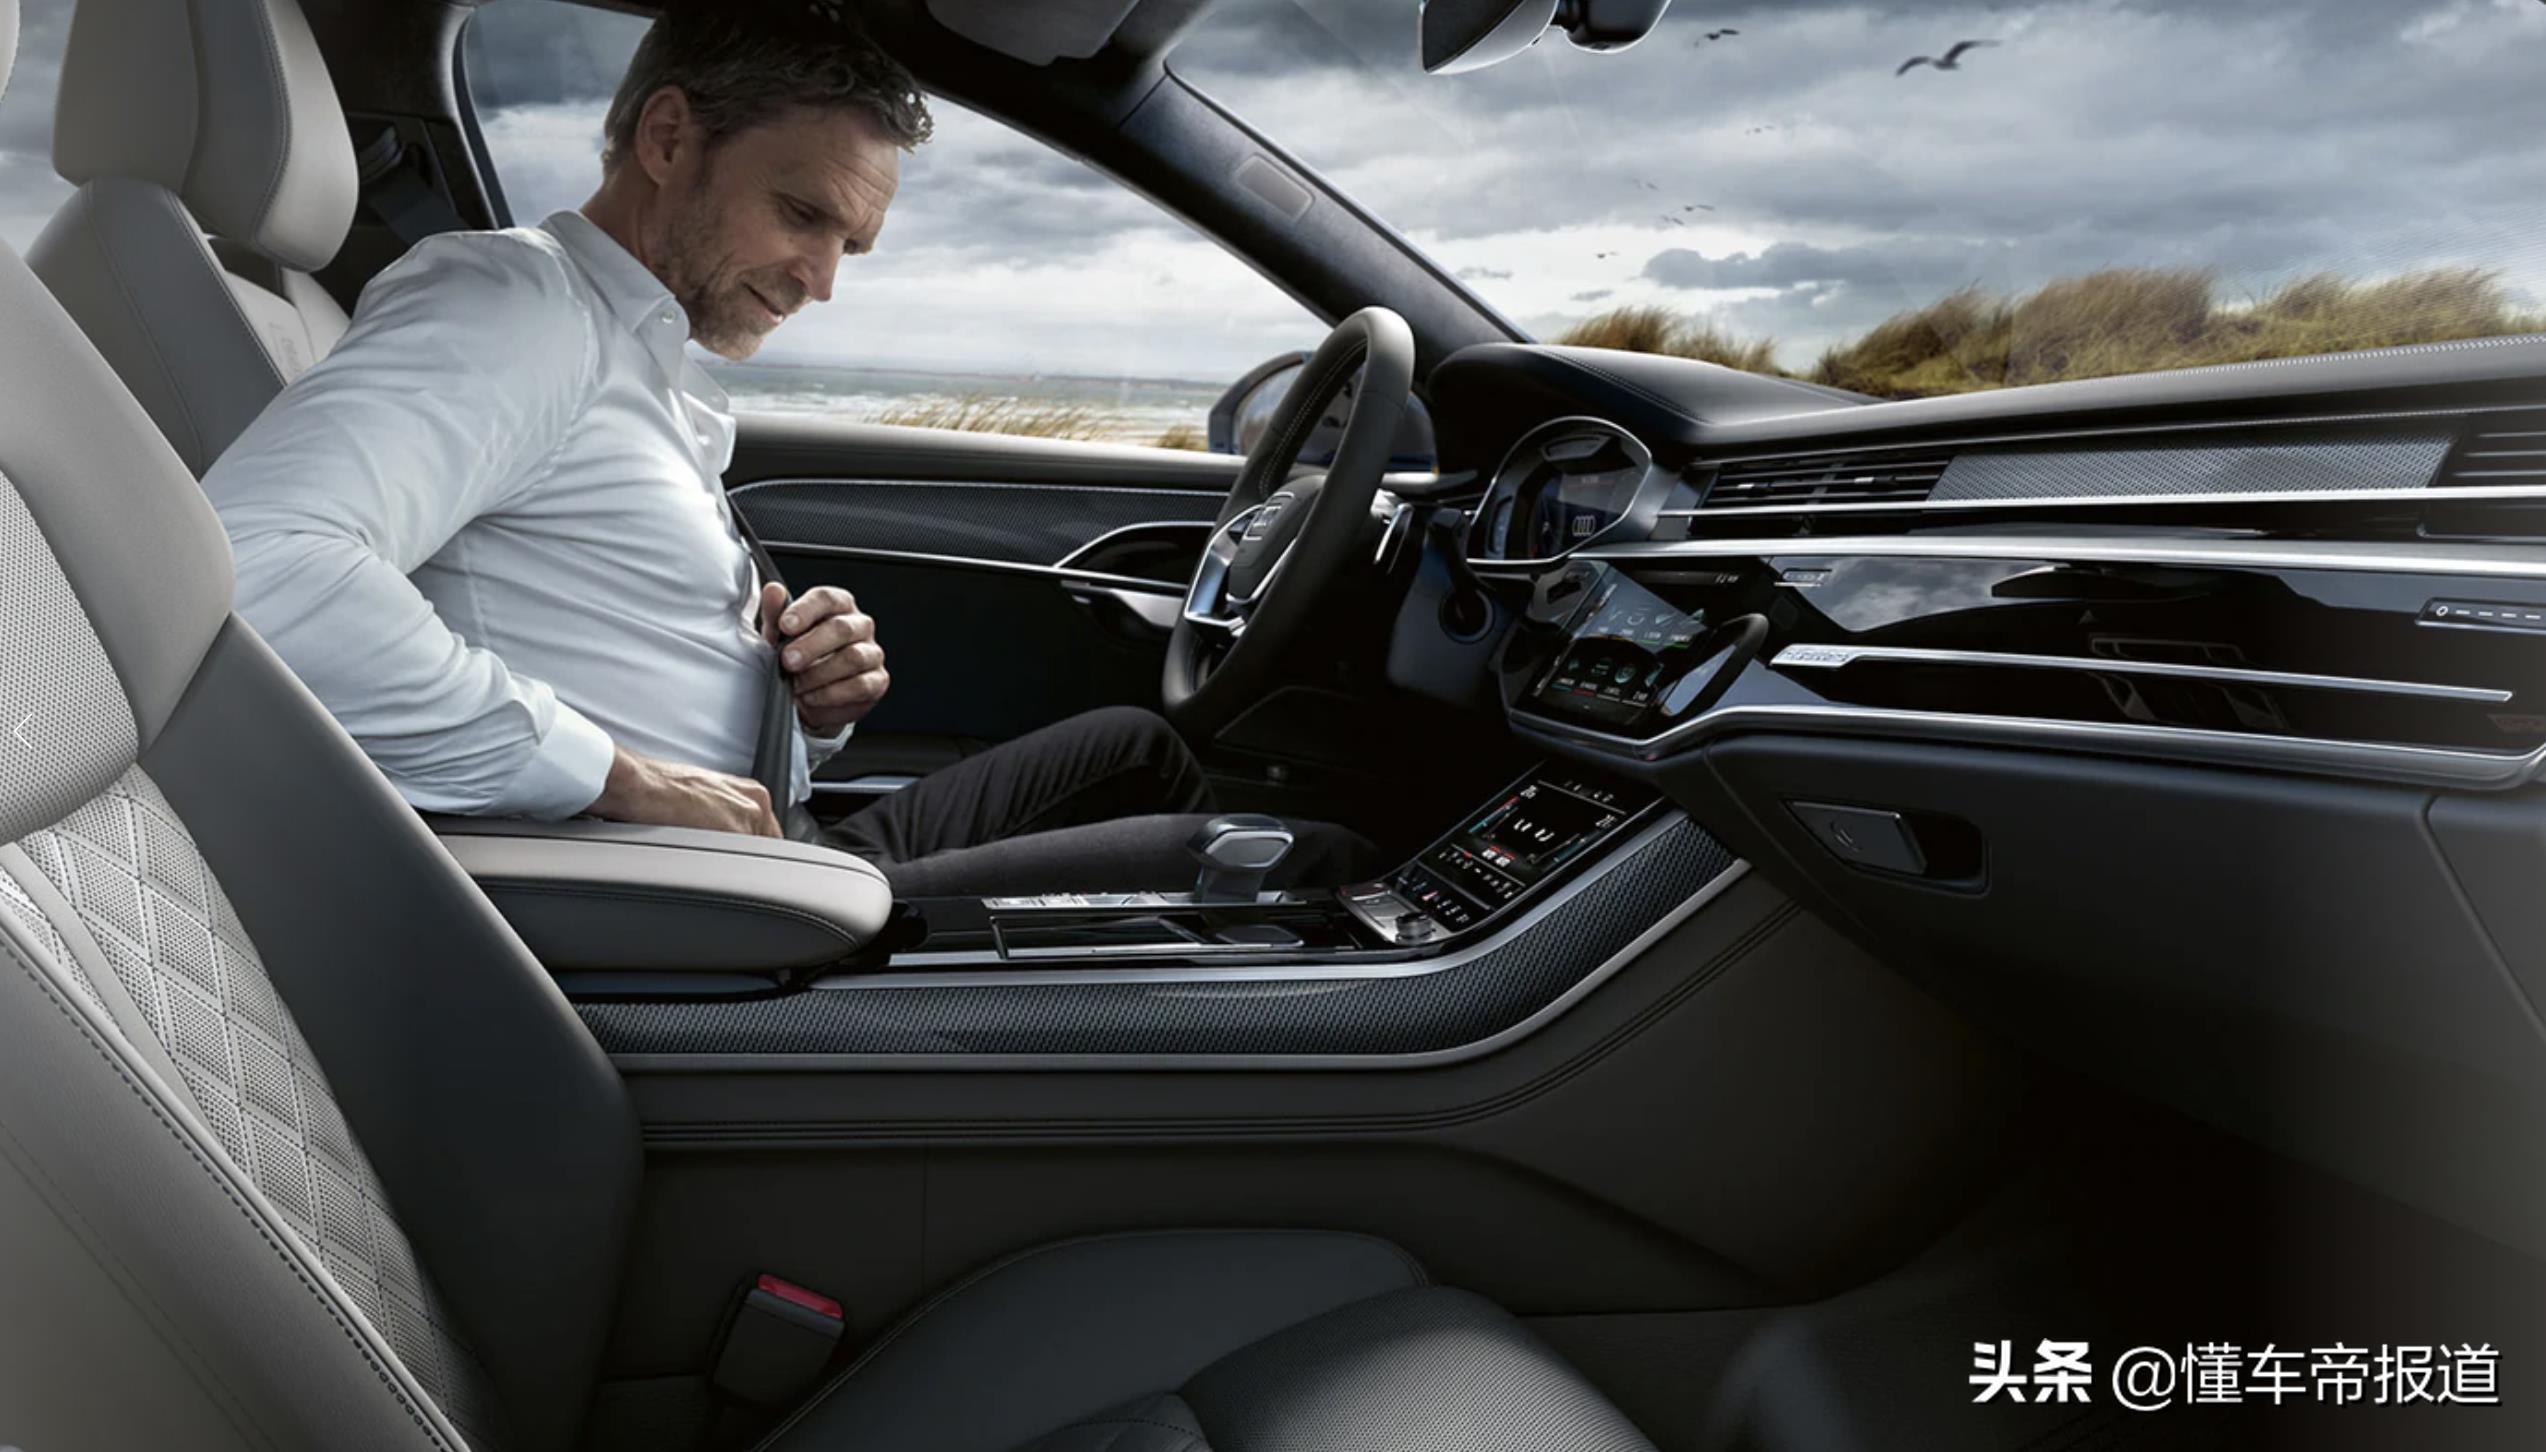 新车|奢华性能机器!全新奥迪S8L上市,售207.68万元